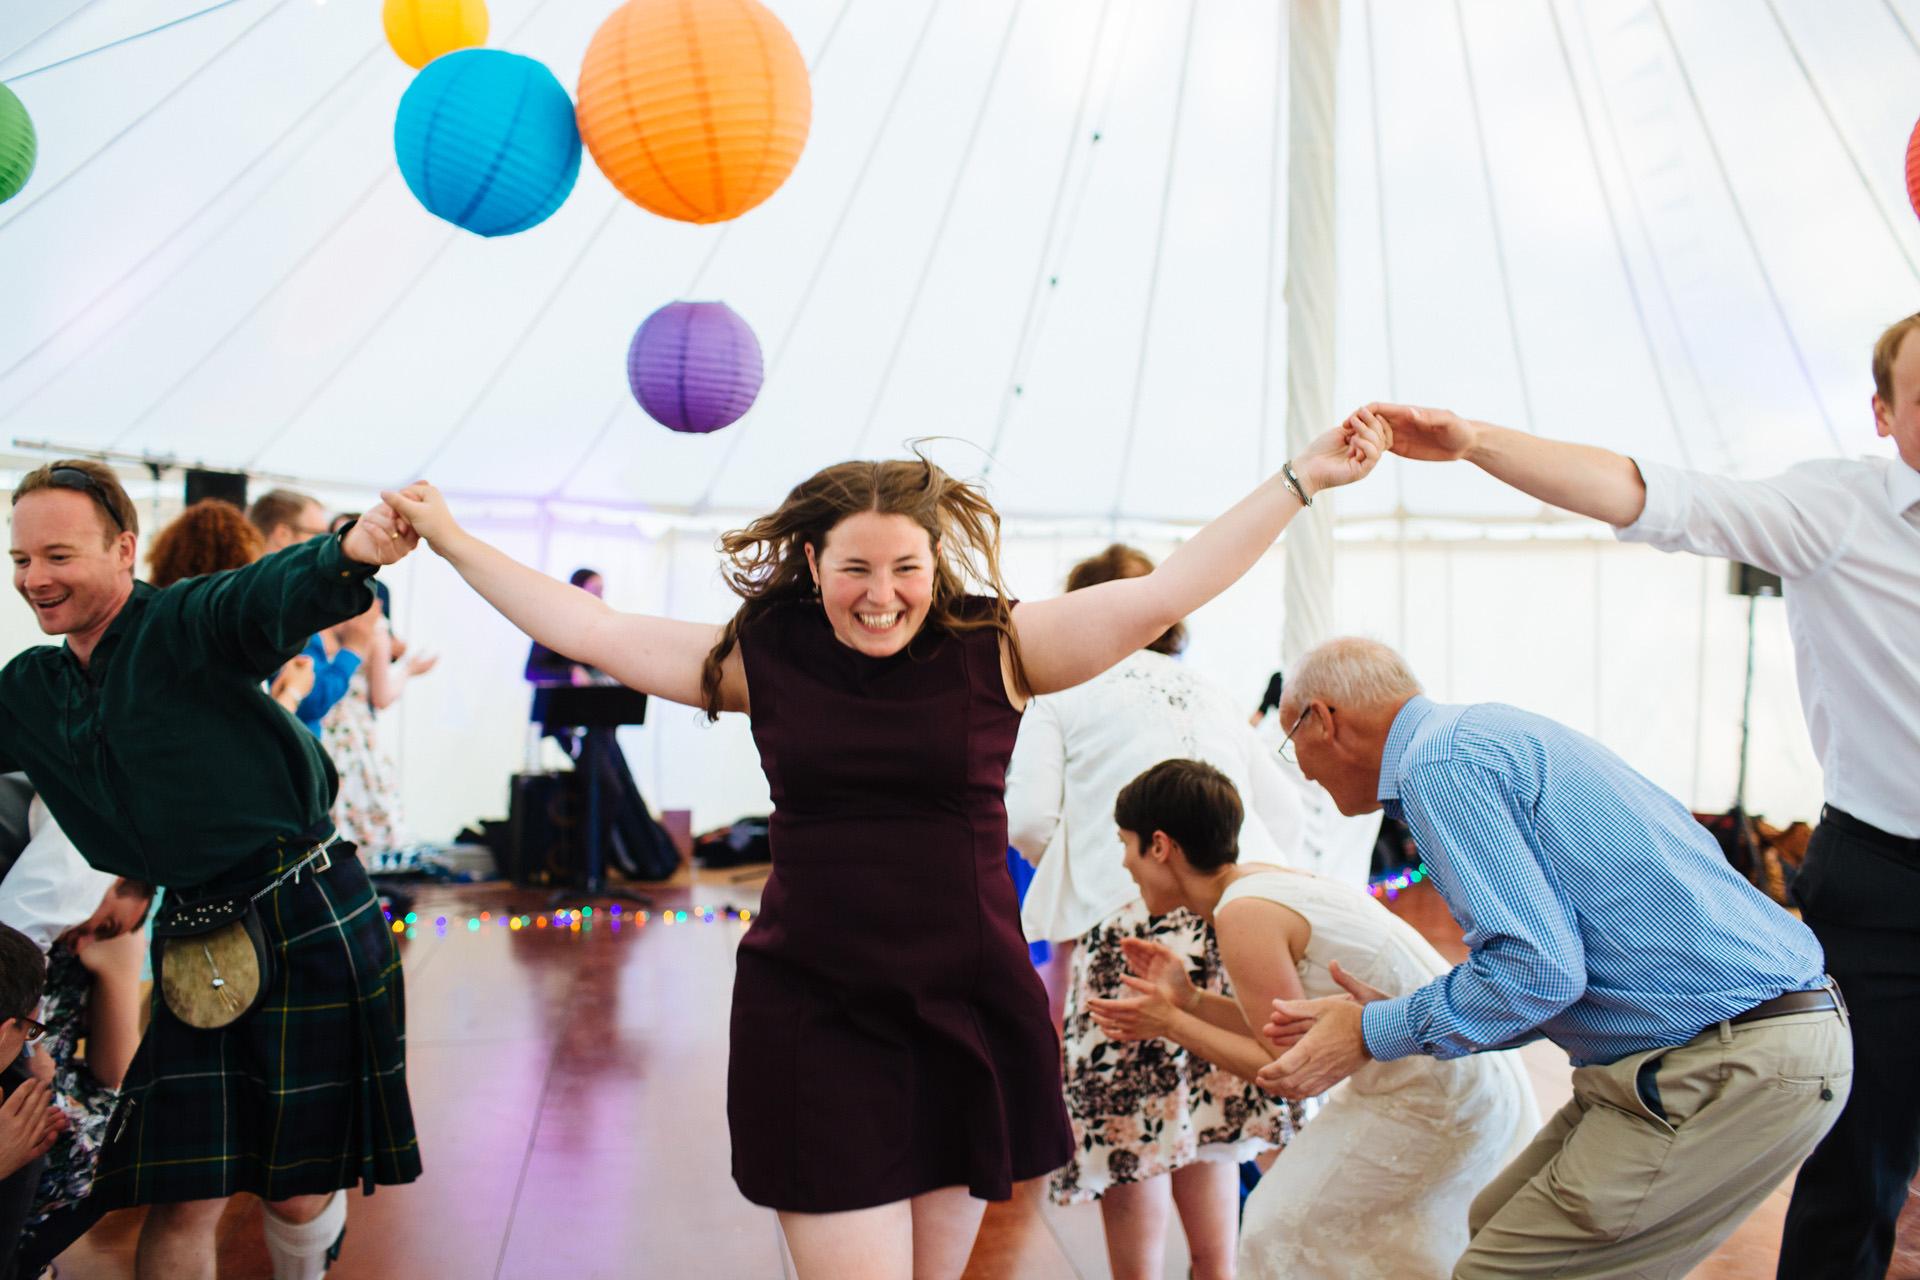 ceilidh dance at a wedding